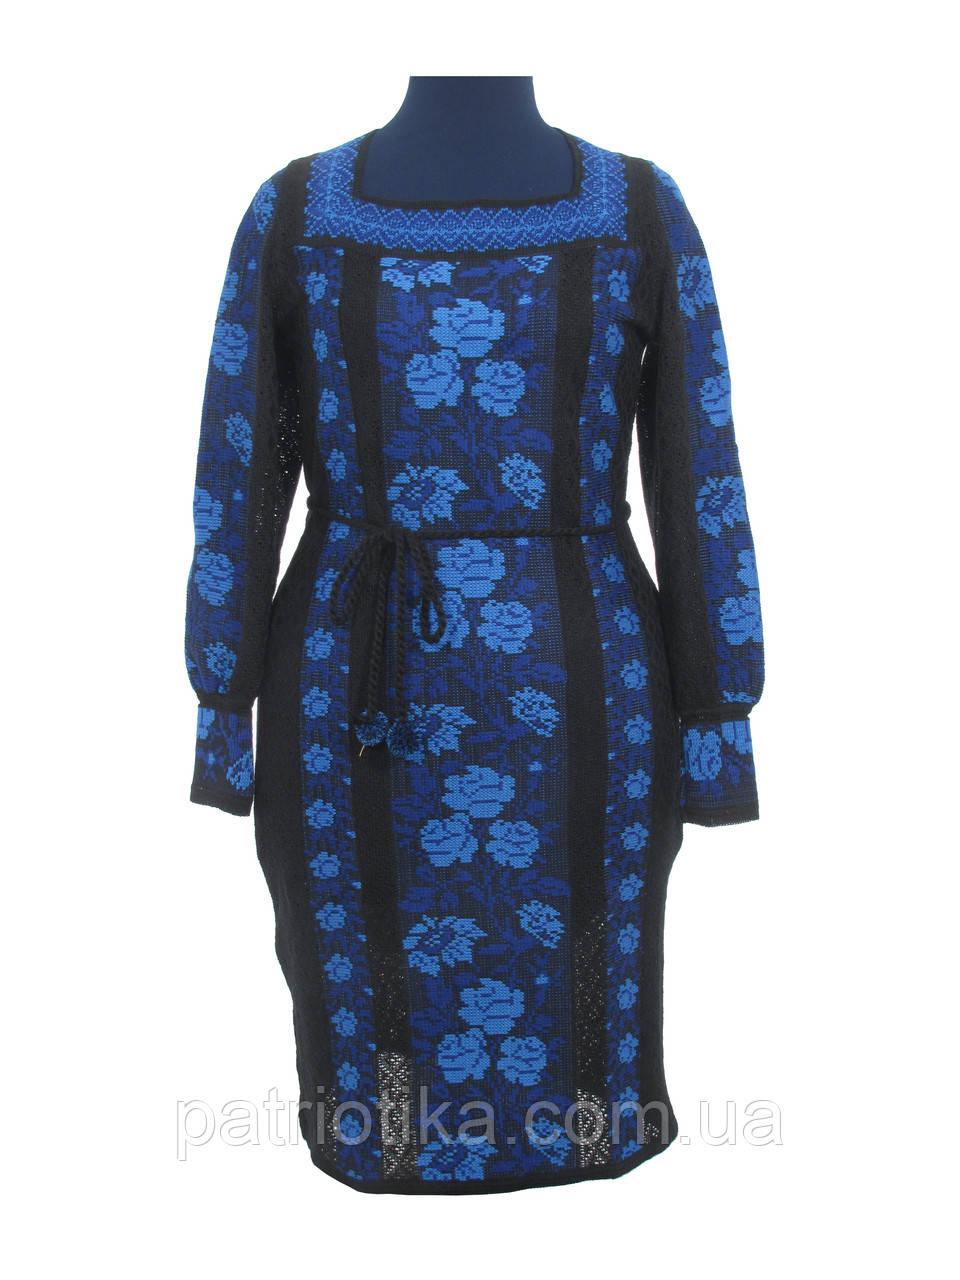 Черное вязаное платье Розы синии х/б | Чорне в'язане плаття Троянди сині х/б